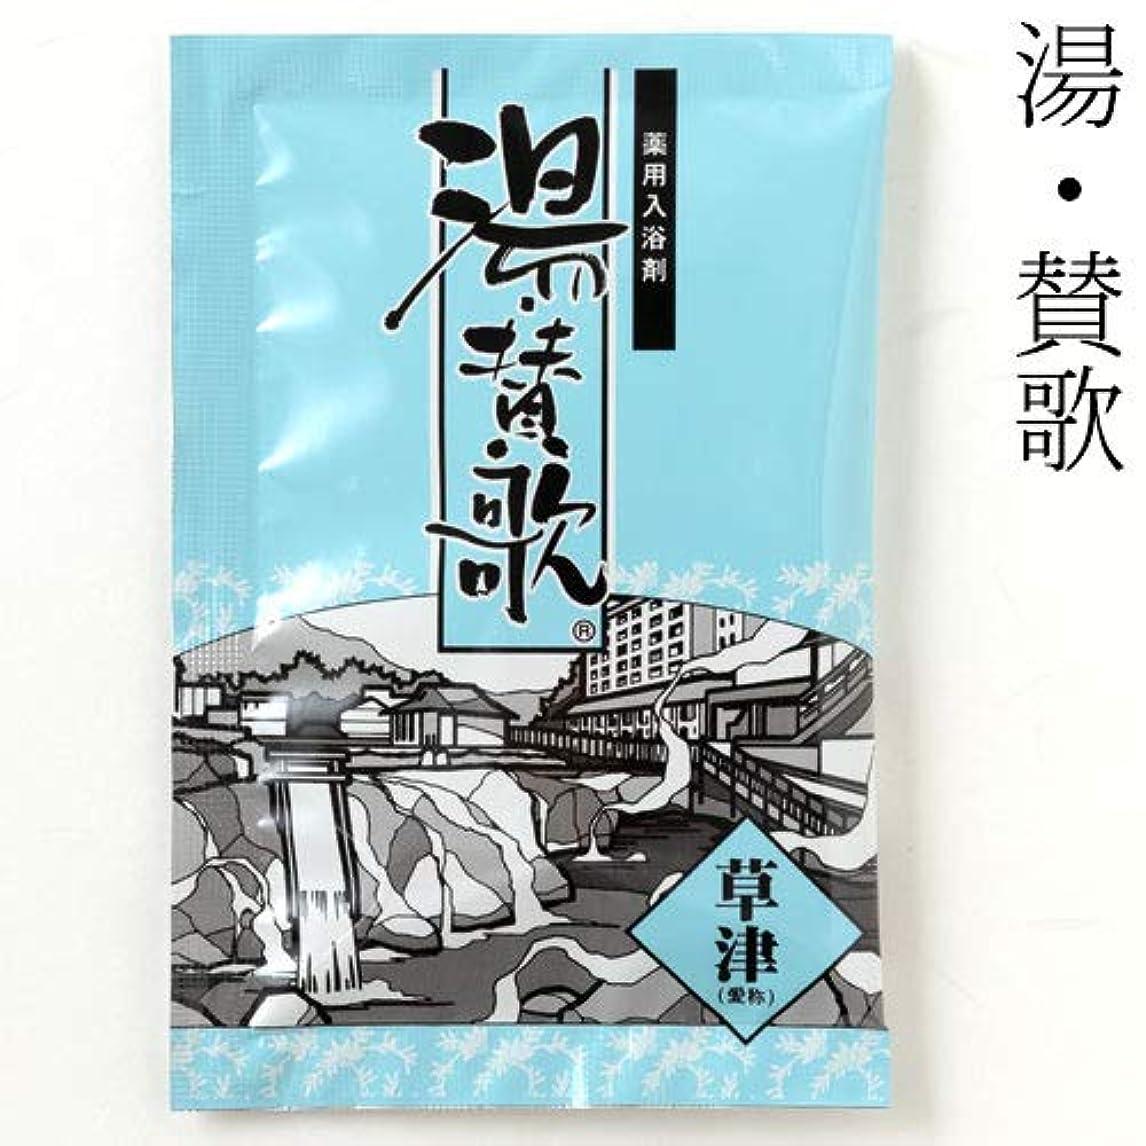 精算と闘うを必要としています入浴剤湯?賛歌草津1包石川県のお風呂グッズBath additive, Ishikawa craft